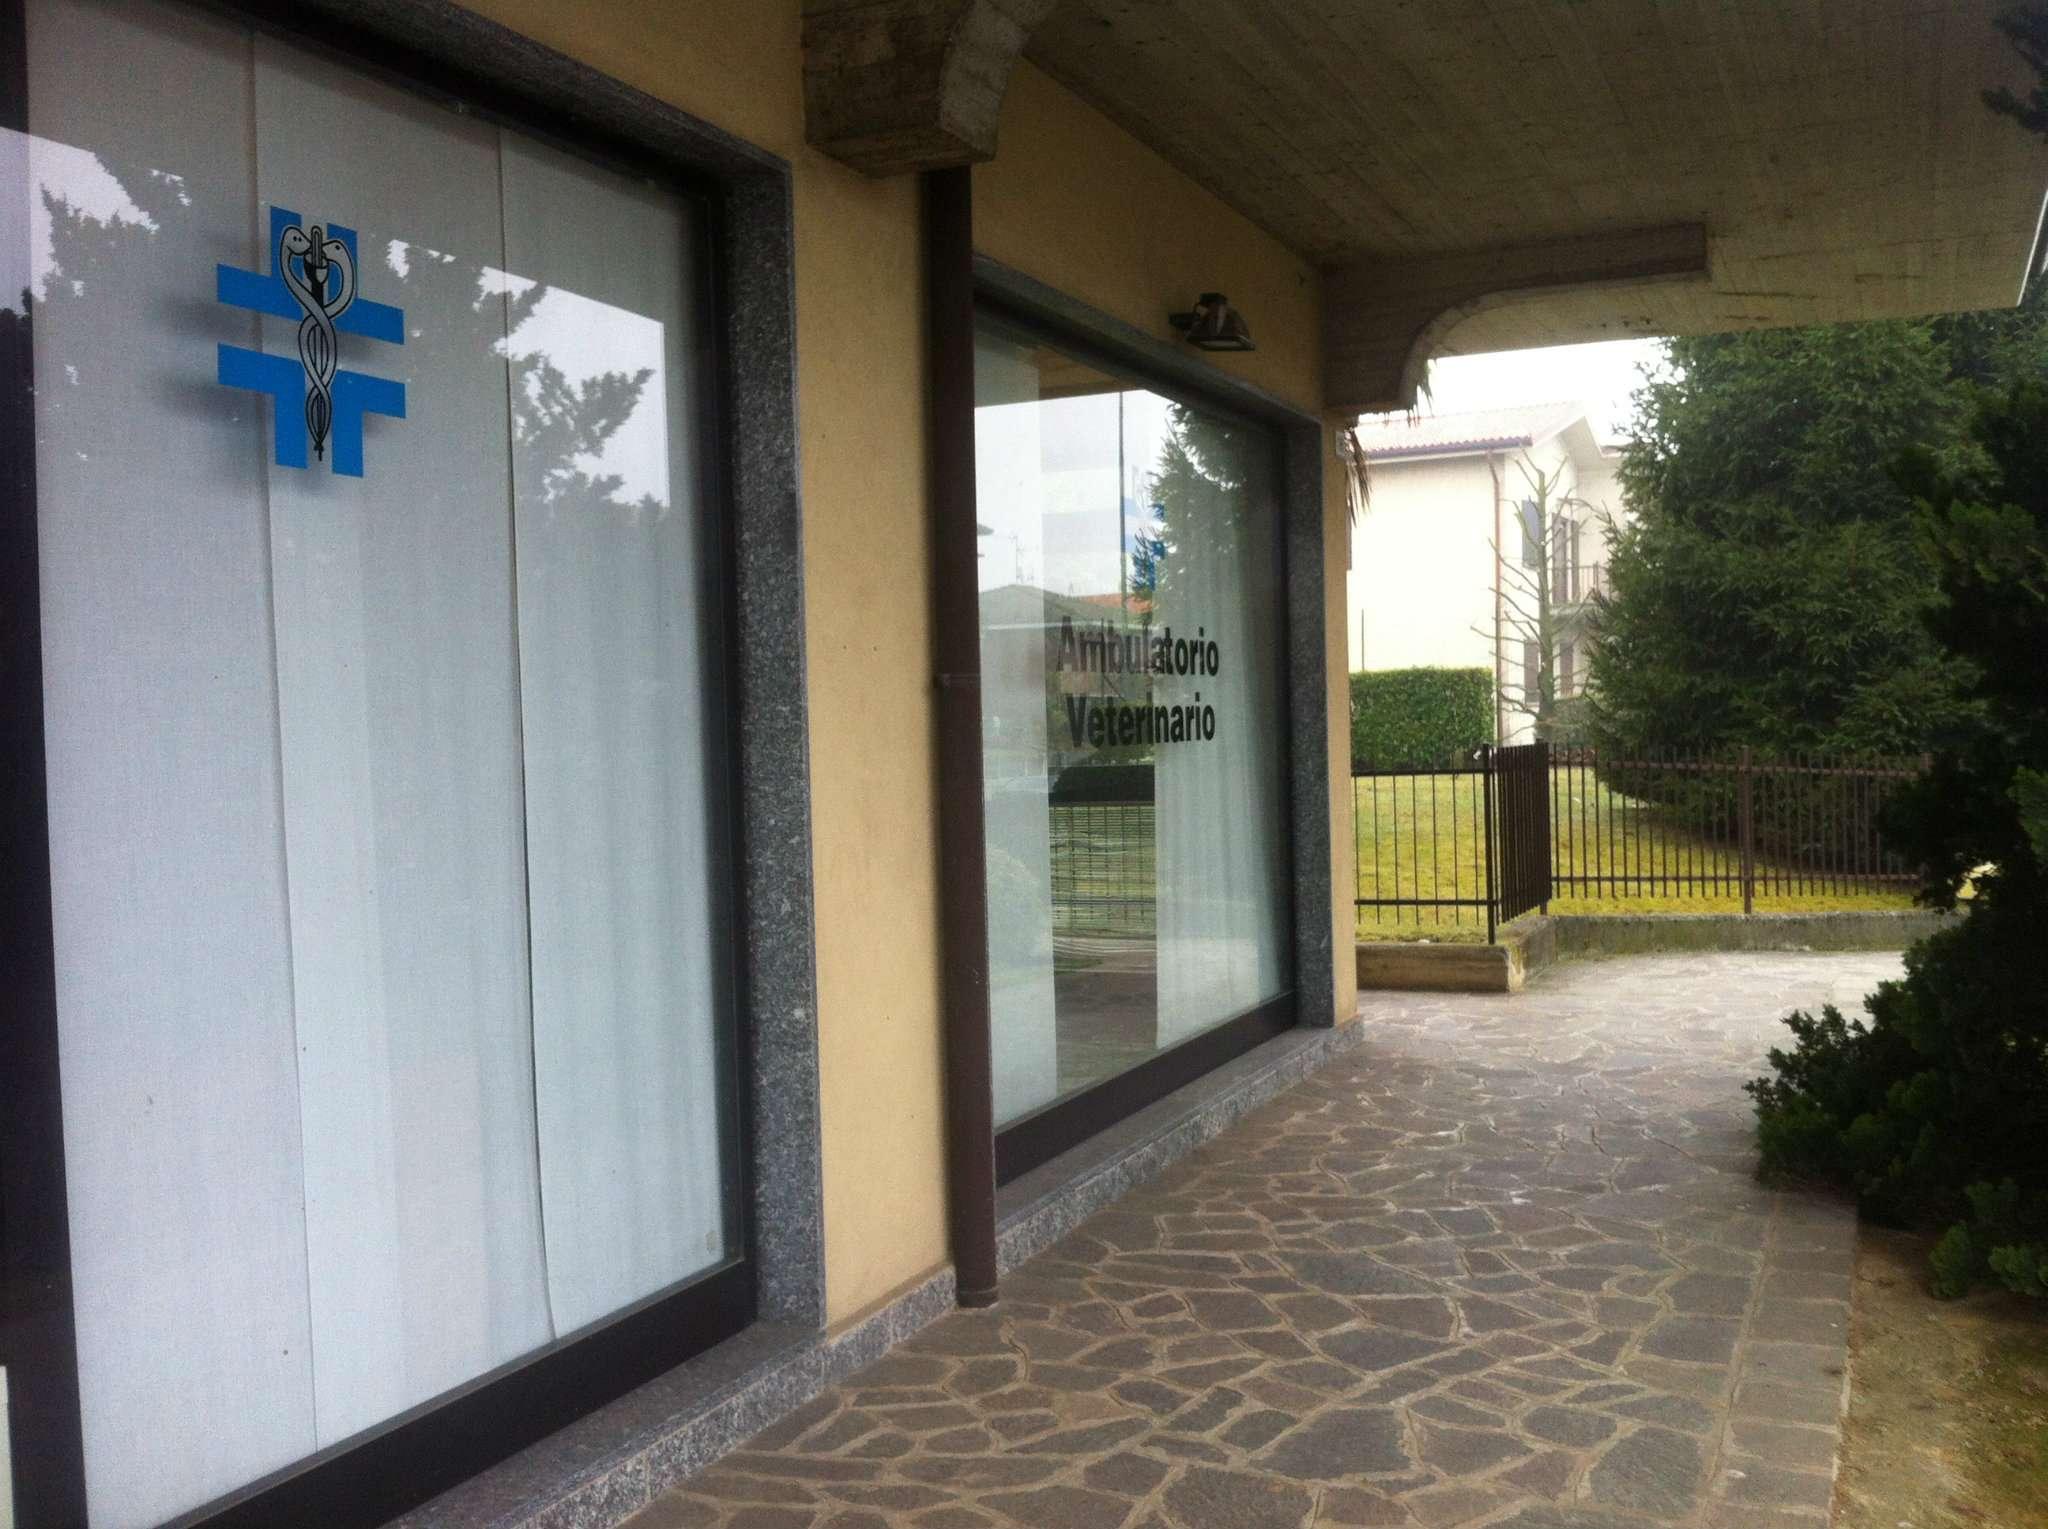 Negozio / Locale in affitto a Medolago, 1 locali, prezzo € 500 | CambioCasa.it